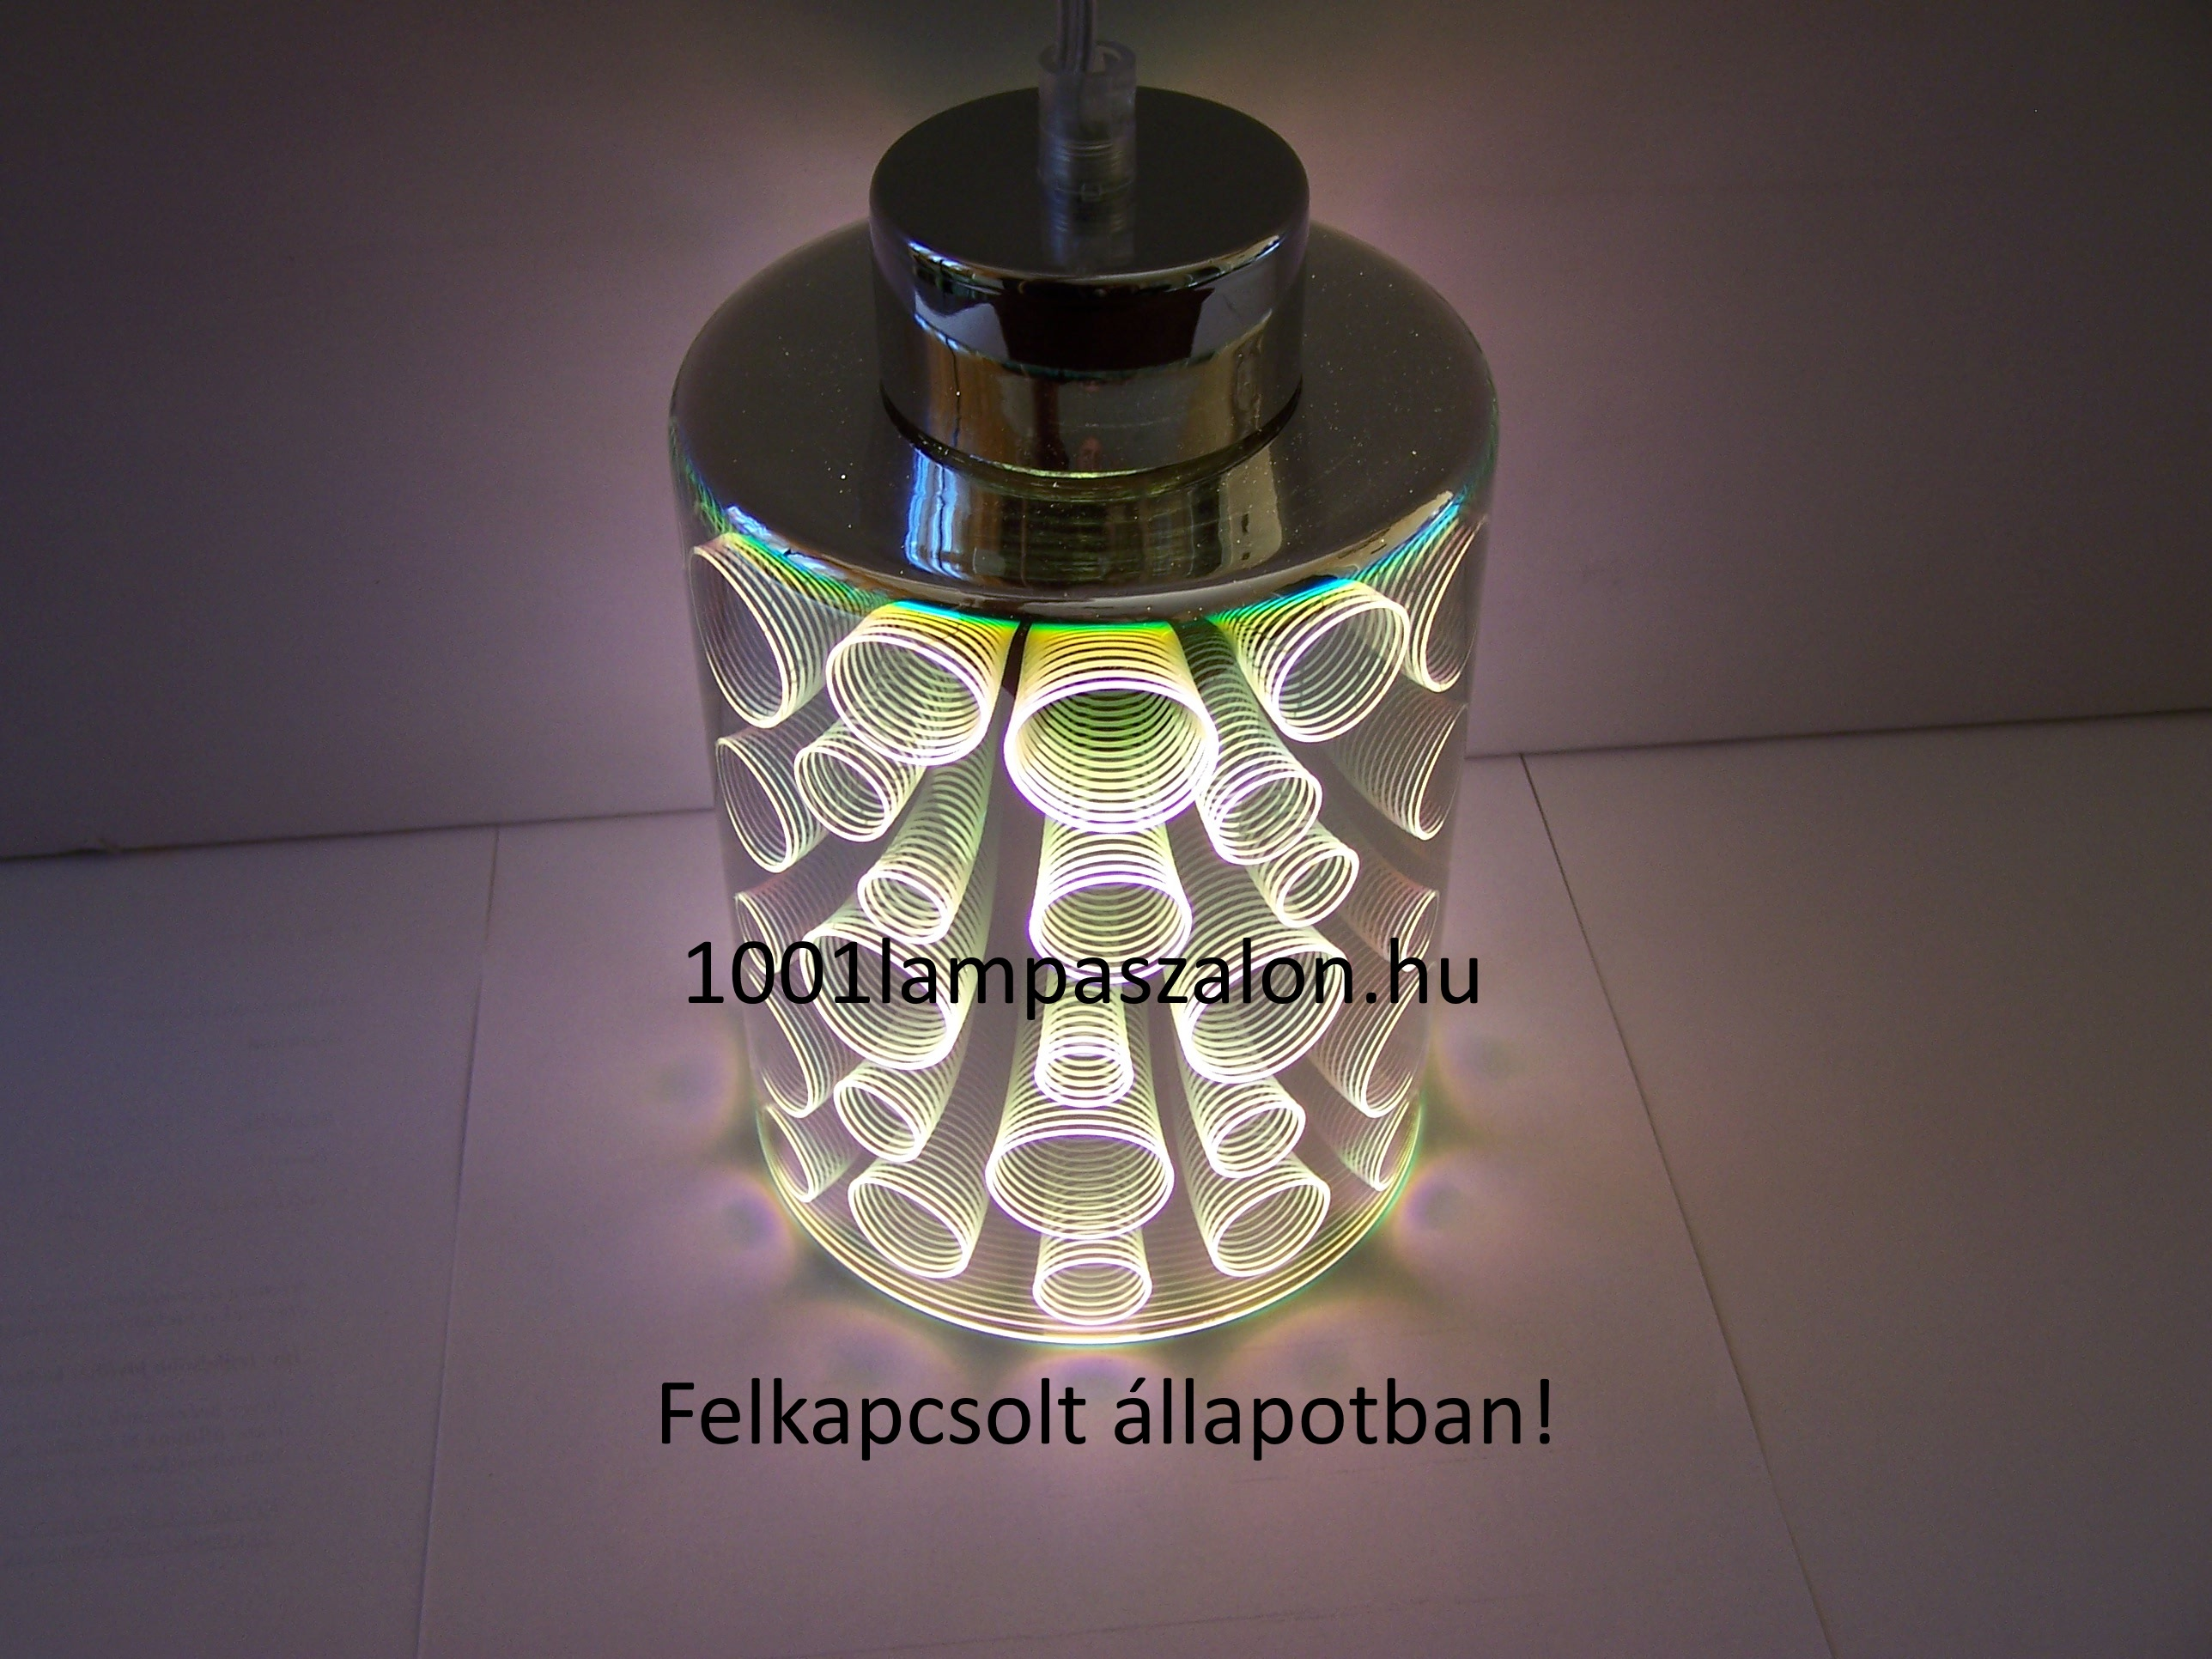 Candellux 35-57730 Nocturno 5 izzós lámpa függeszték / Candellux lámpák /